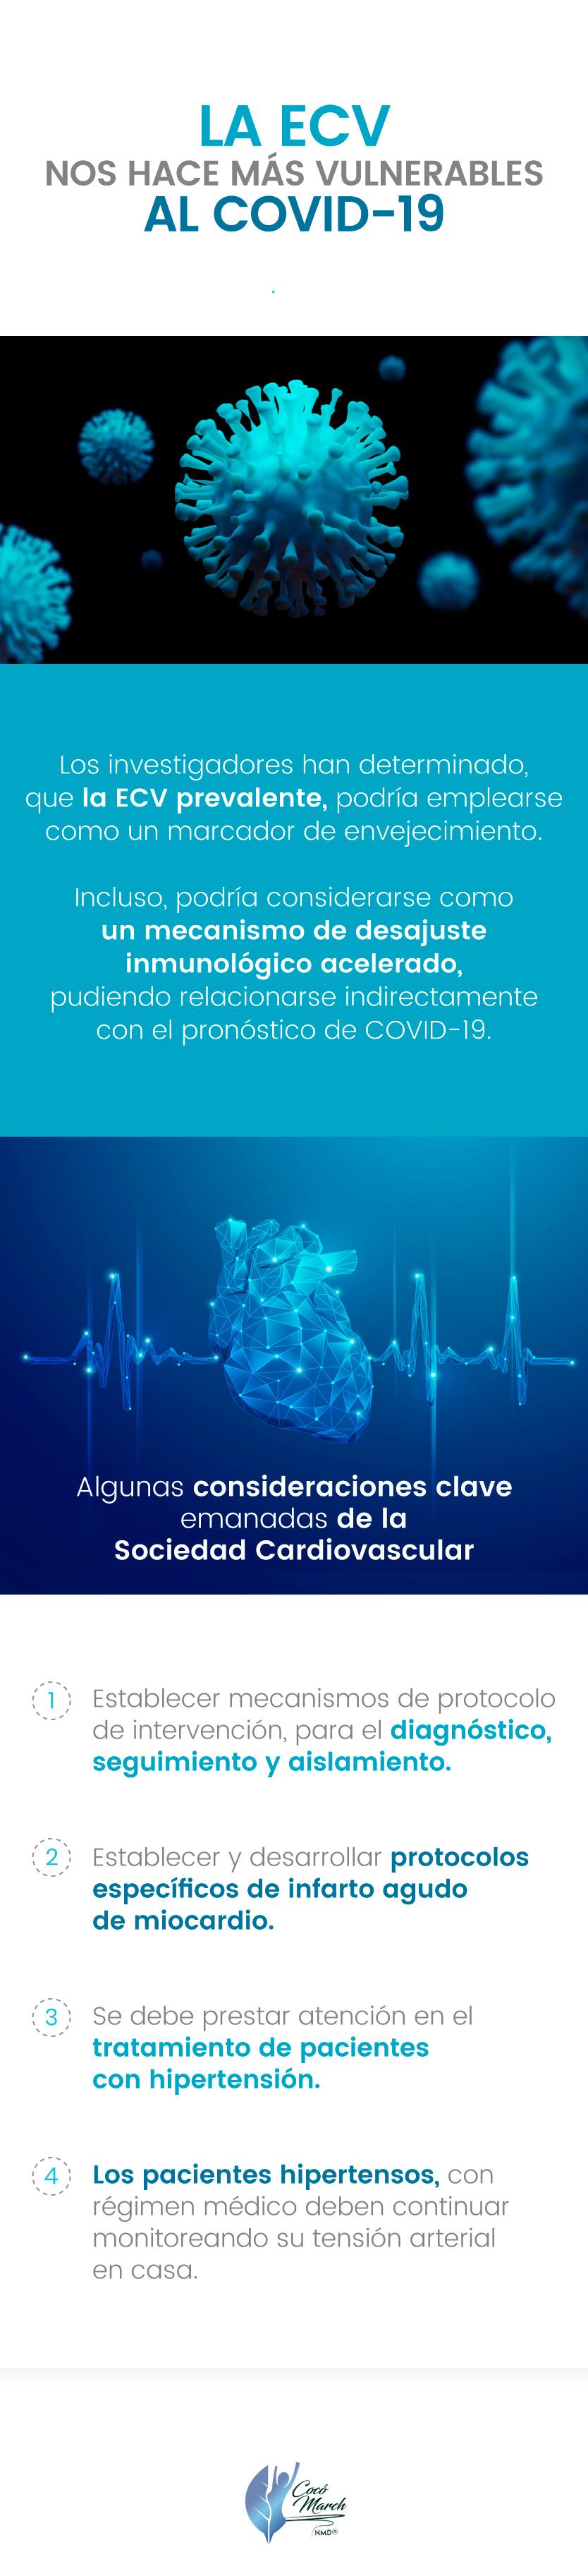 las-enfermedades-cardiovasculares-nos-hacen-mas-vulnerables-al-covid-19